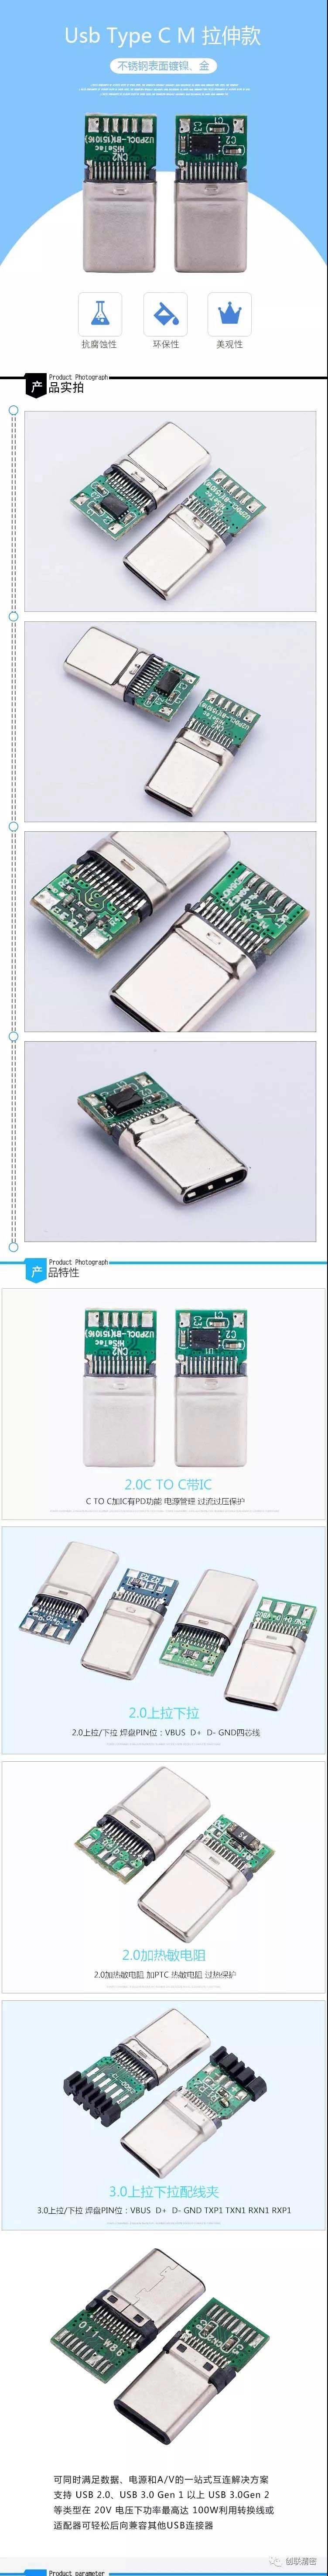 在标准繁杂的快充界,USB-PD优势何在?